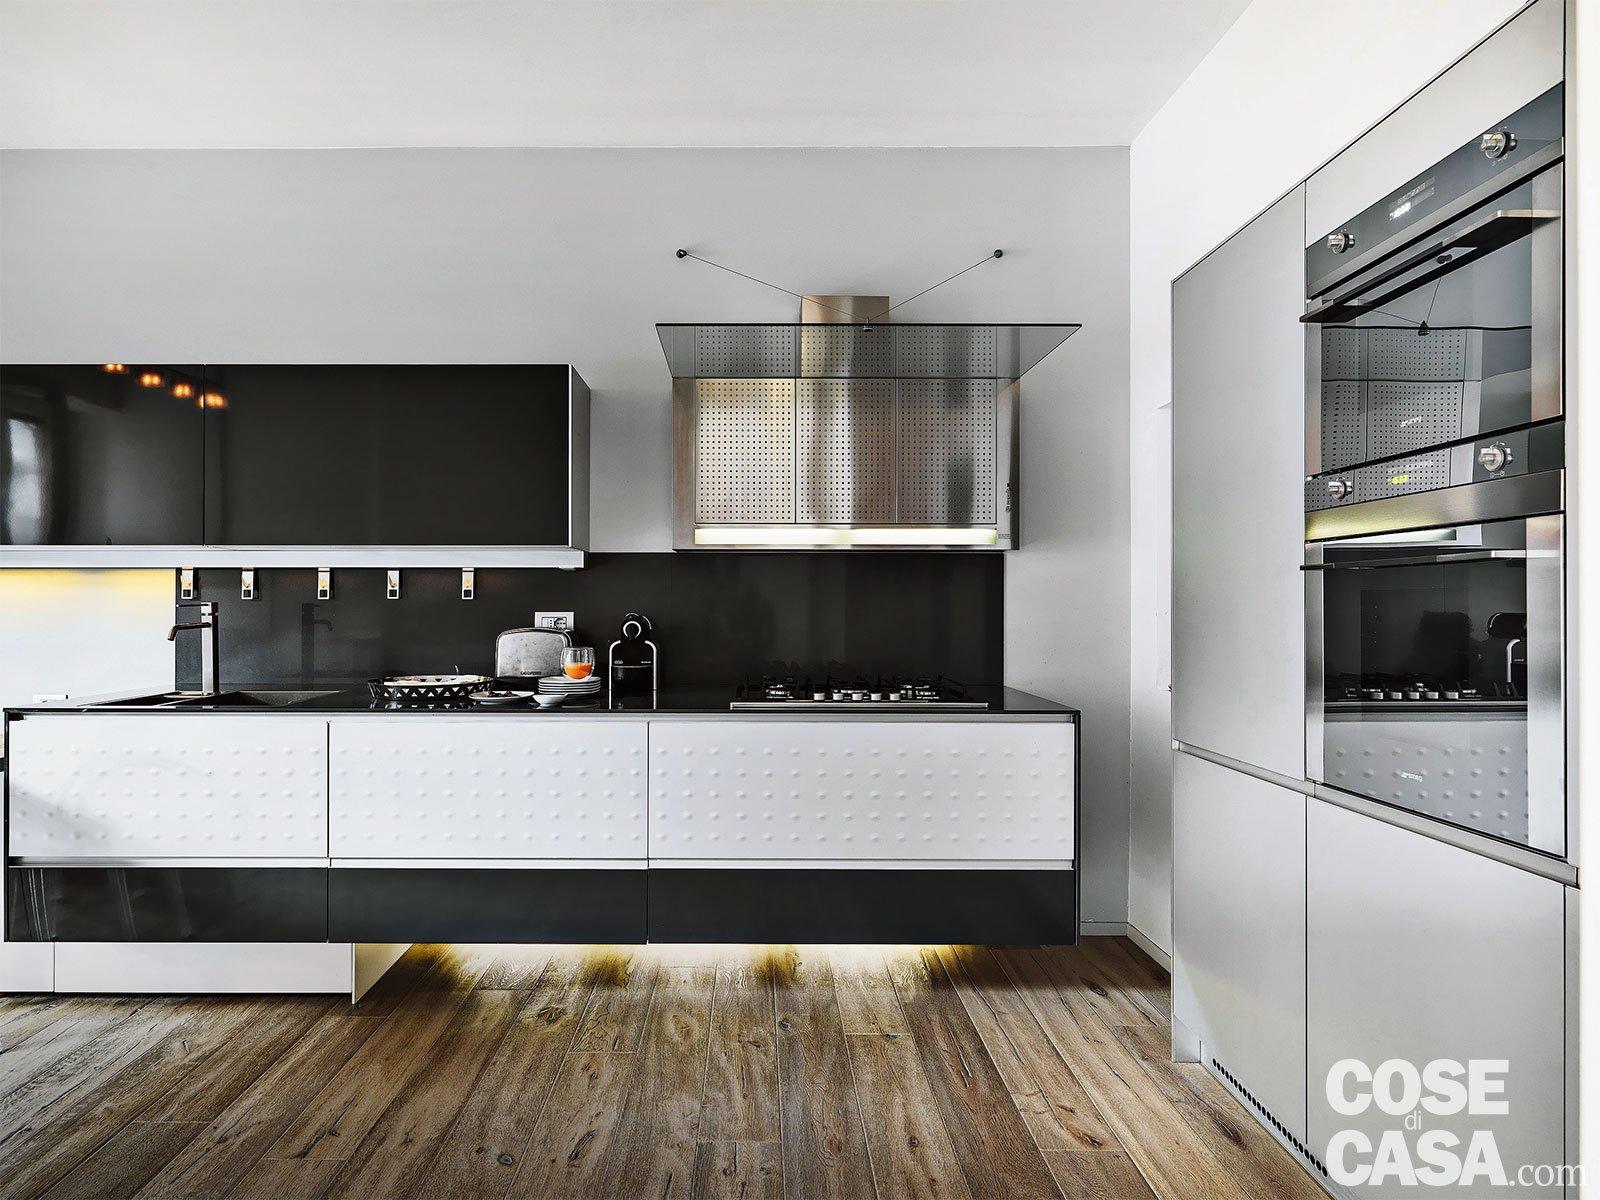 150 mq tutti da copiare dalla divisione soggiorno cucina for Piani di casa tropicale con cortili